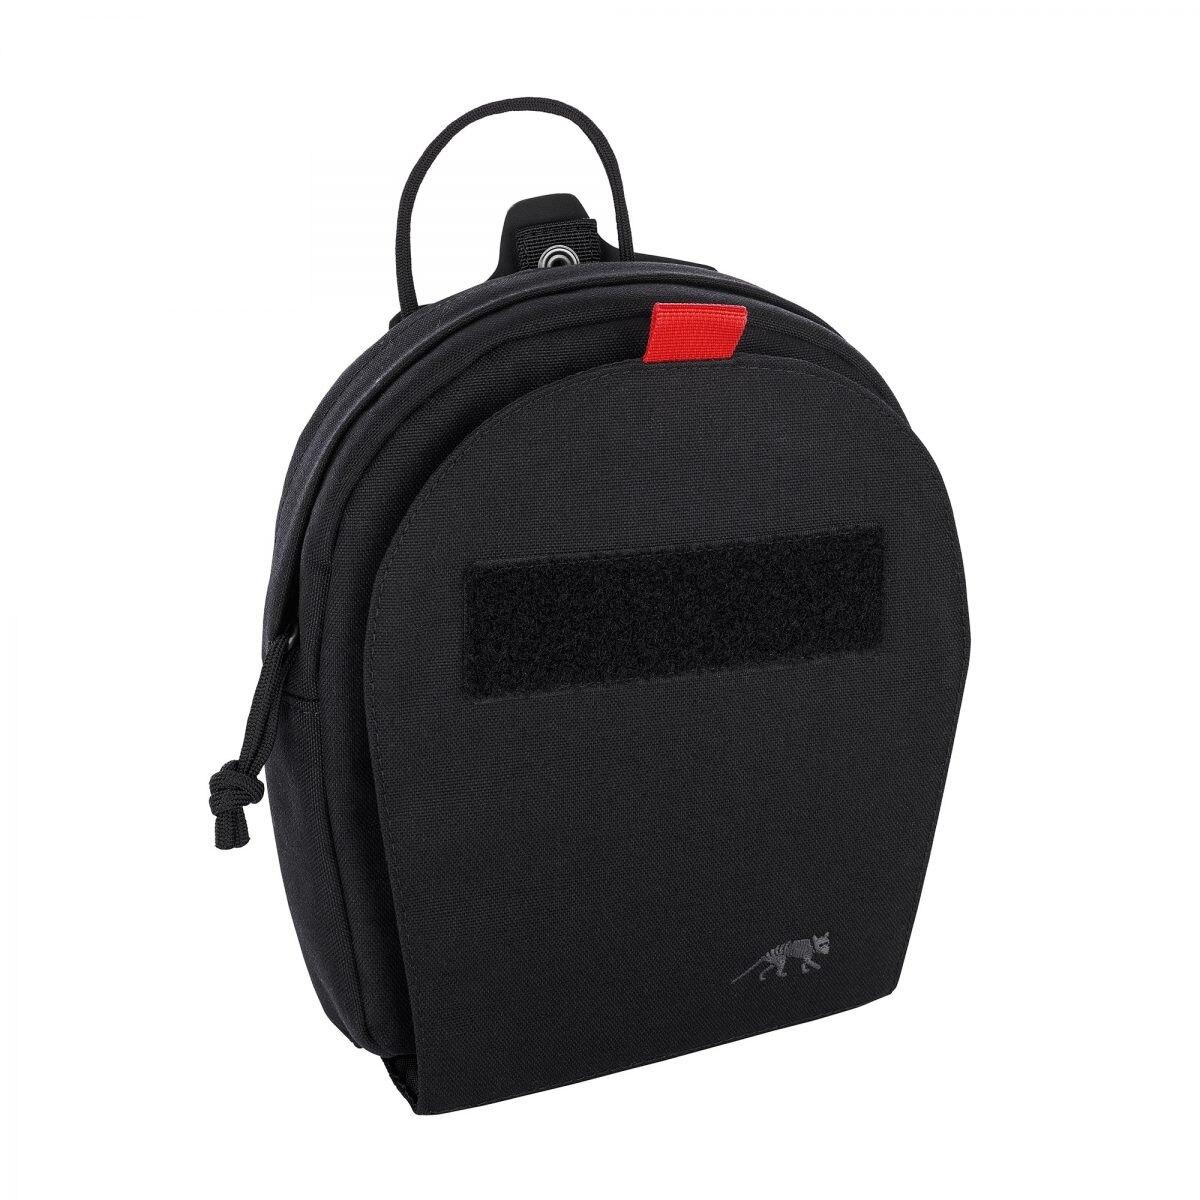 Puzdro na defibrilátor Tasmanian Tiger® – Čierna (Farba: Čierna)